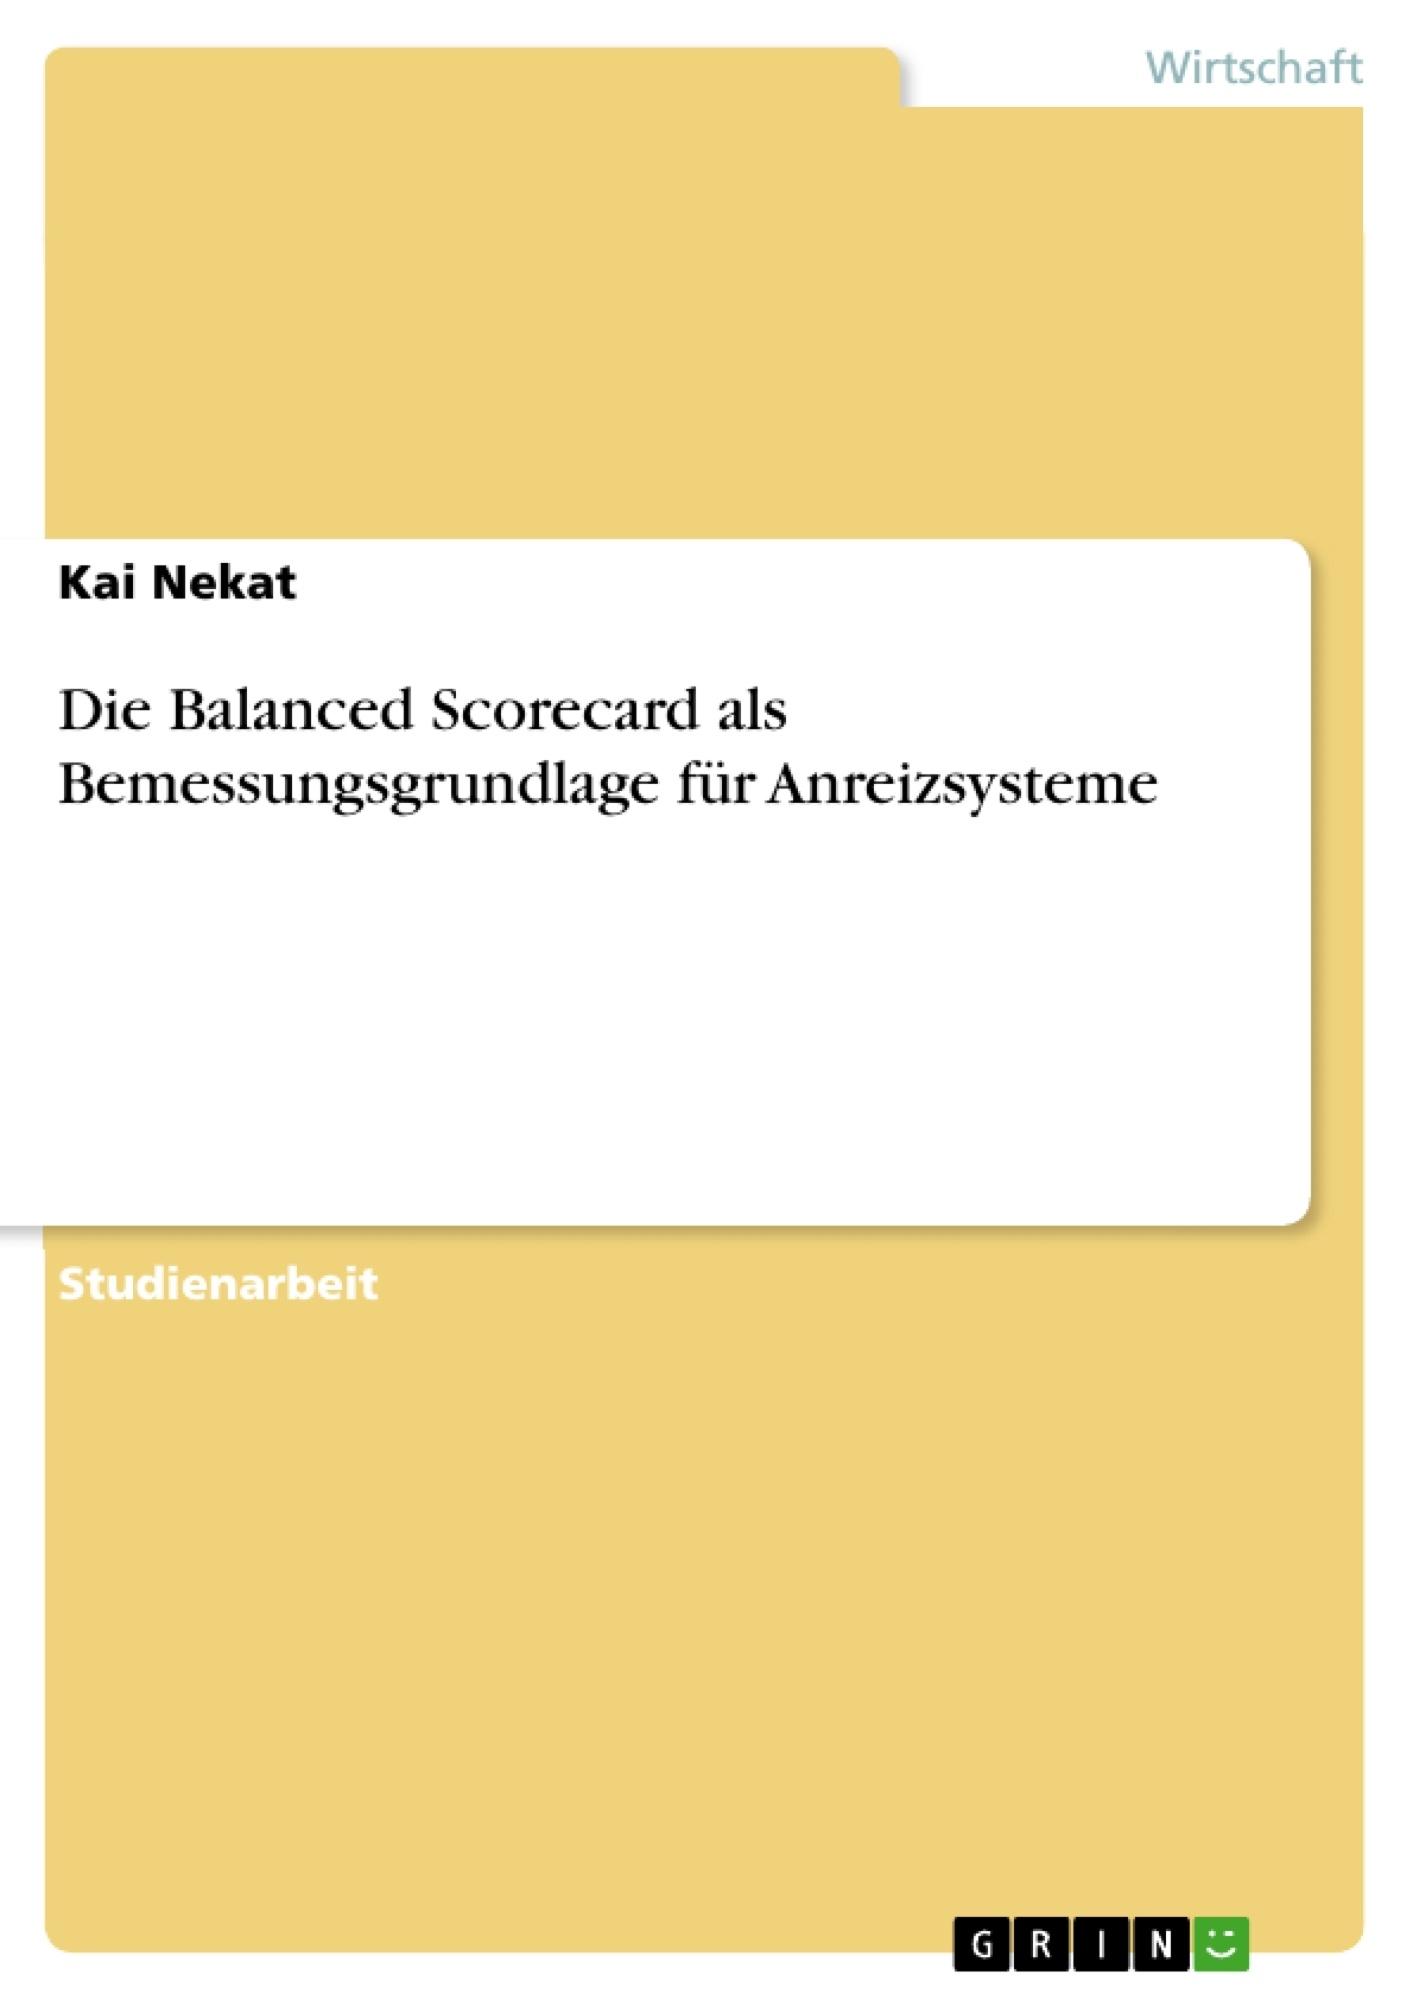 Titel: Die Balanced Scorecard als Bemessungsgrundlage für Anreizsysteme